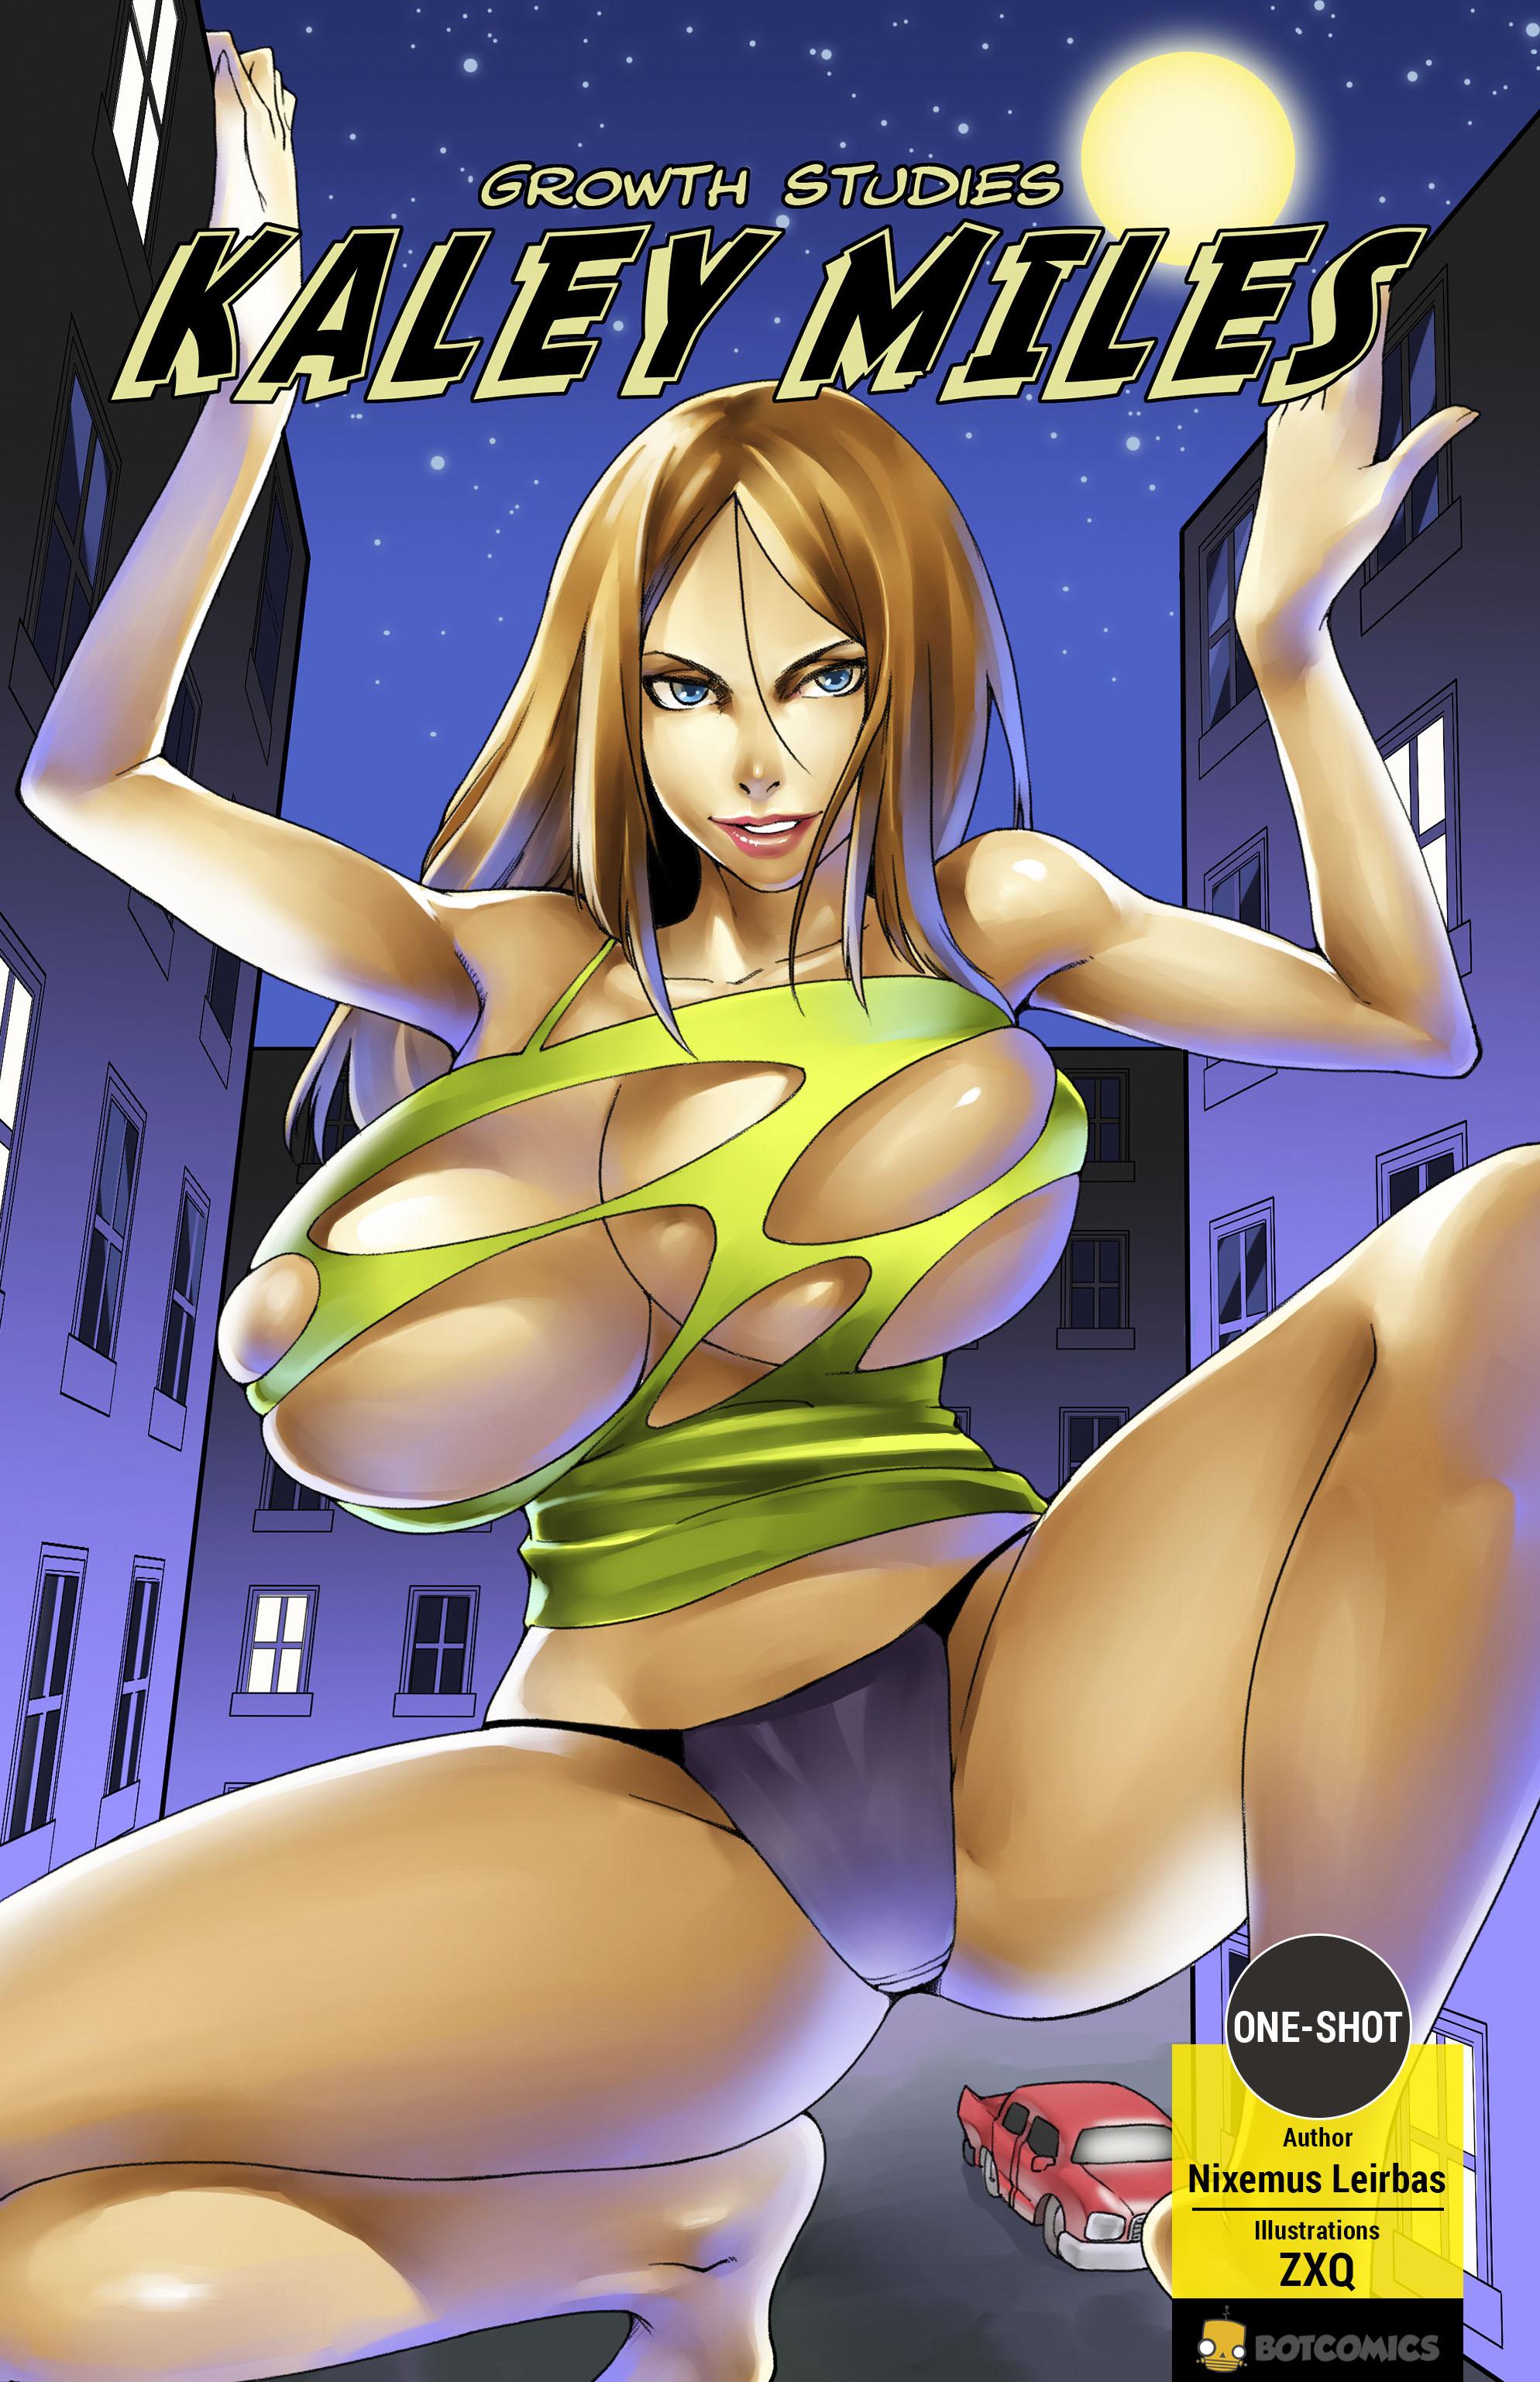 Amazon Anime Porn 50Ft growth studies: kaley miles | giantess club